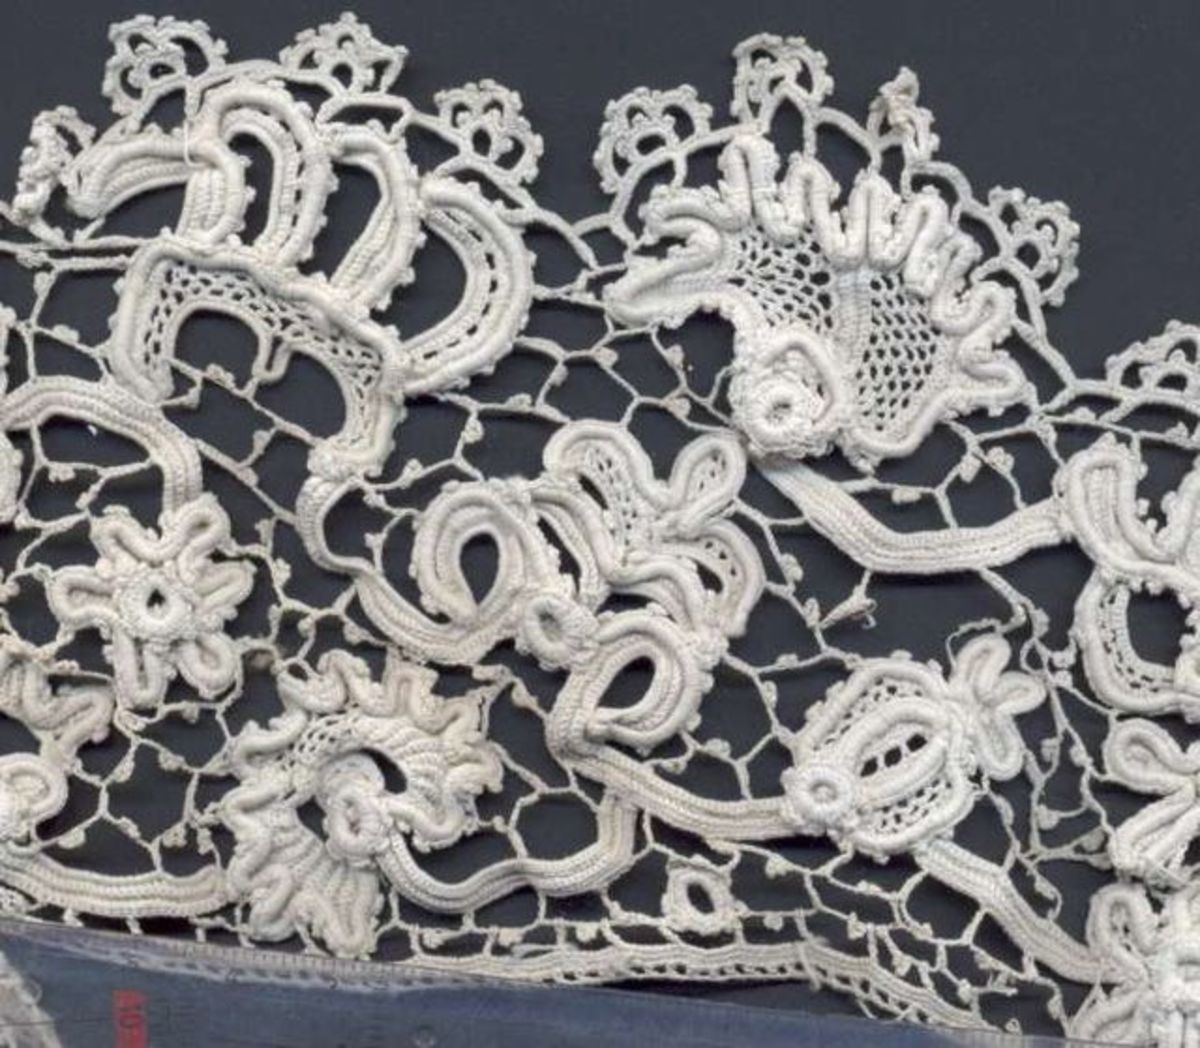 """""""Irish crochet"""". Licensed under Creative Commons Attribution-Share Alike 2.0 via Wikimedia Commons - http://commons.wikimedia.org/wiki/File:Irish_crochet.jpg#mediaviewer/File:Irish_crochet.jpg"""